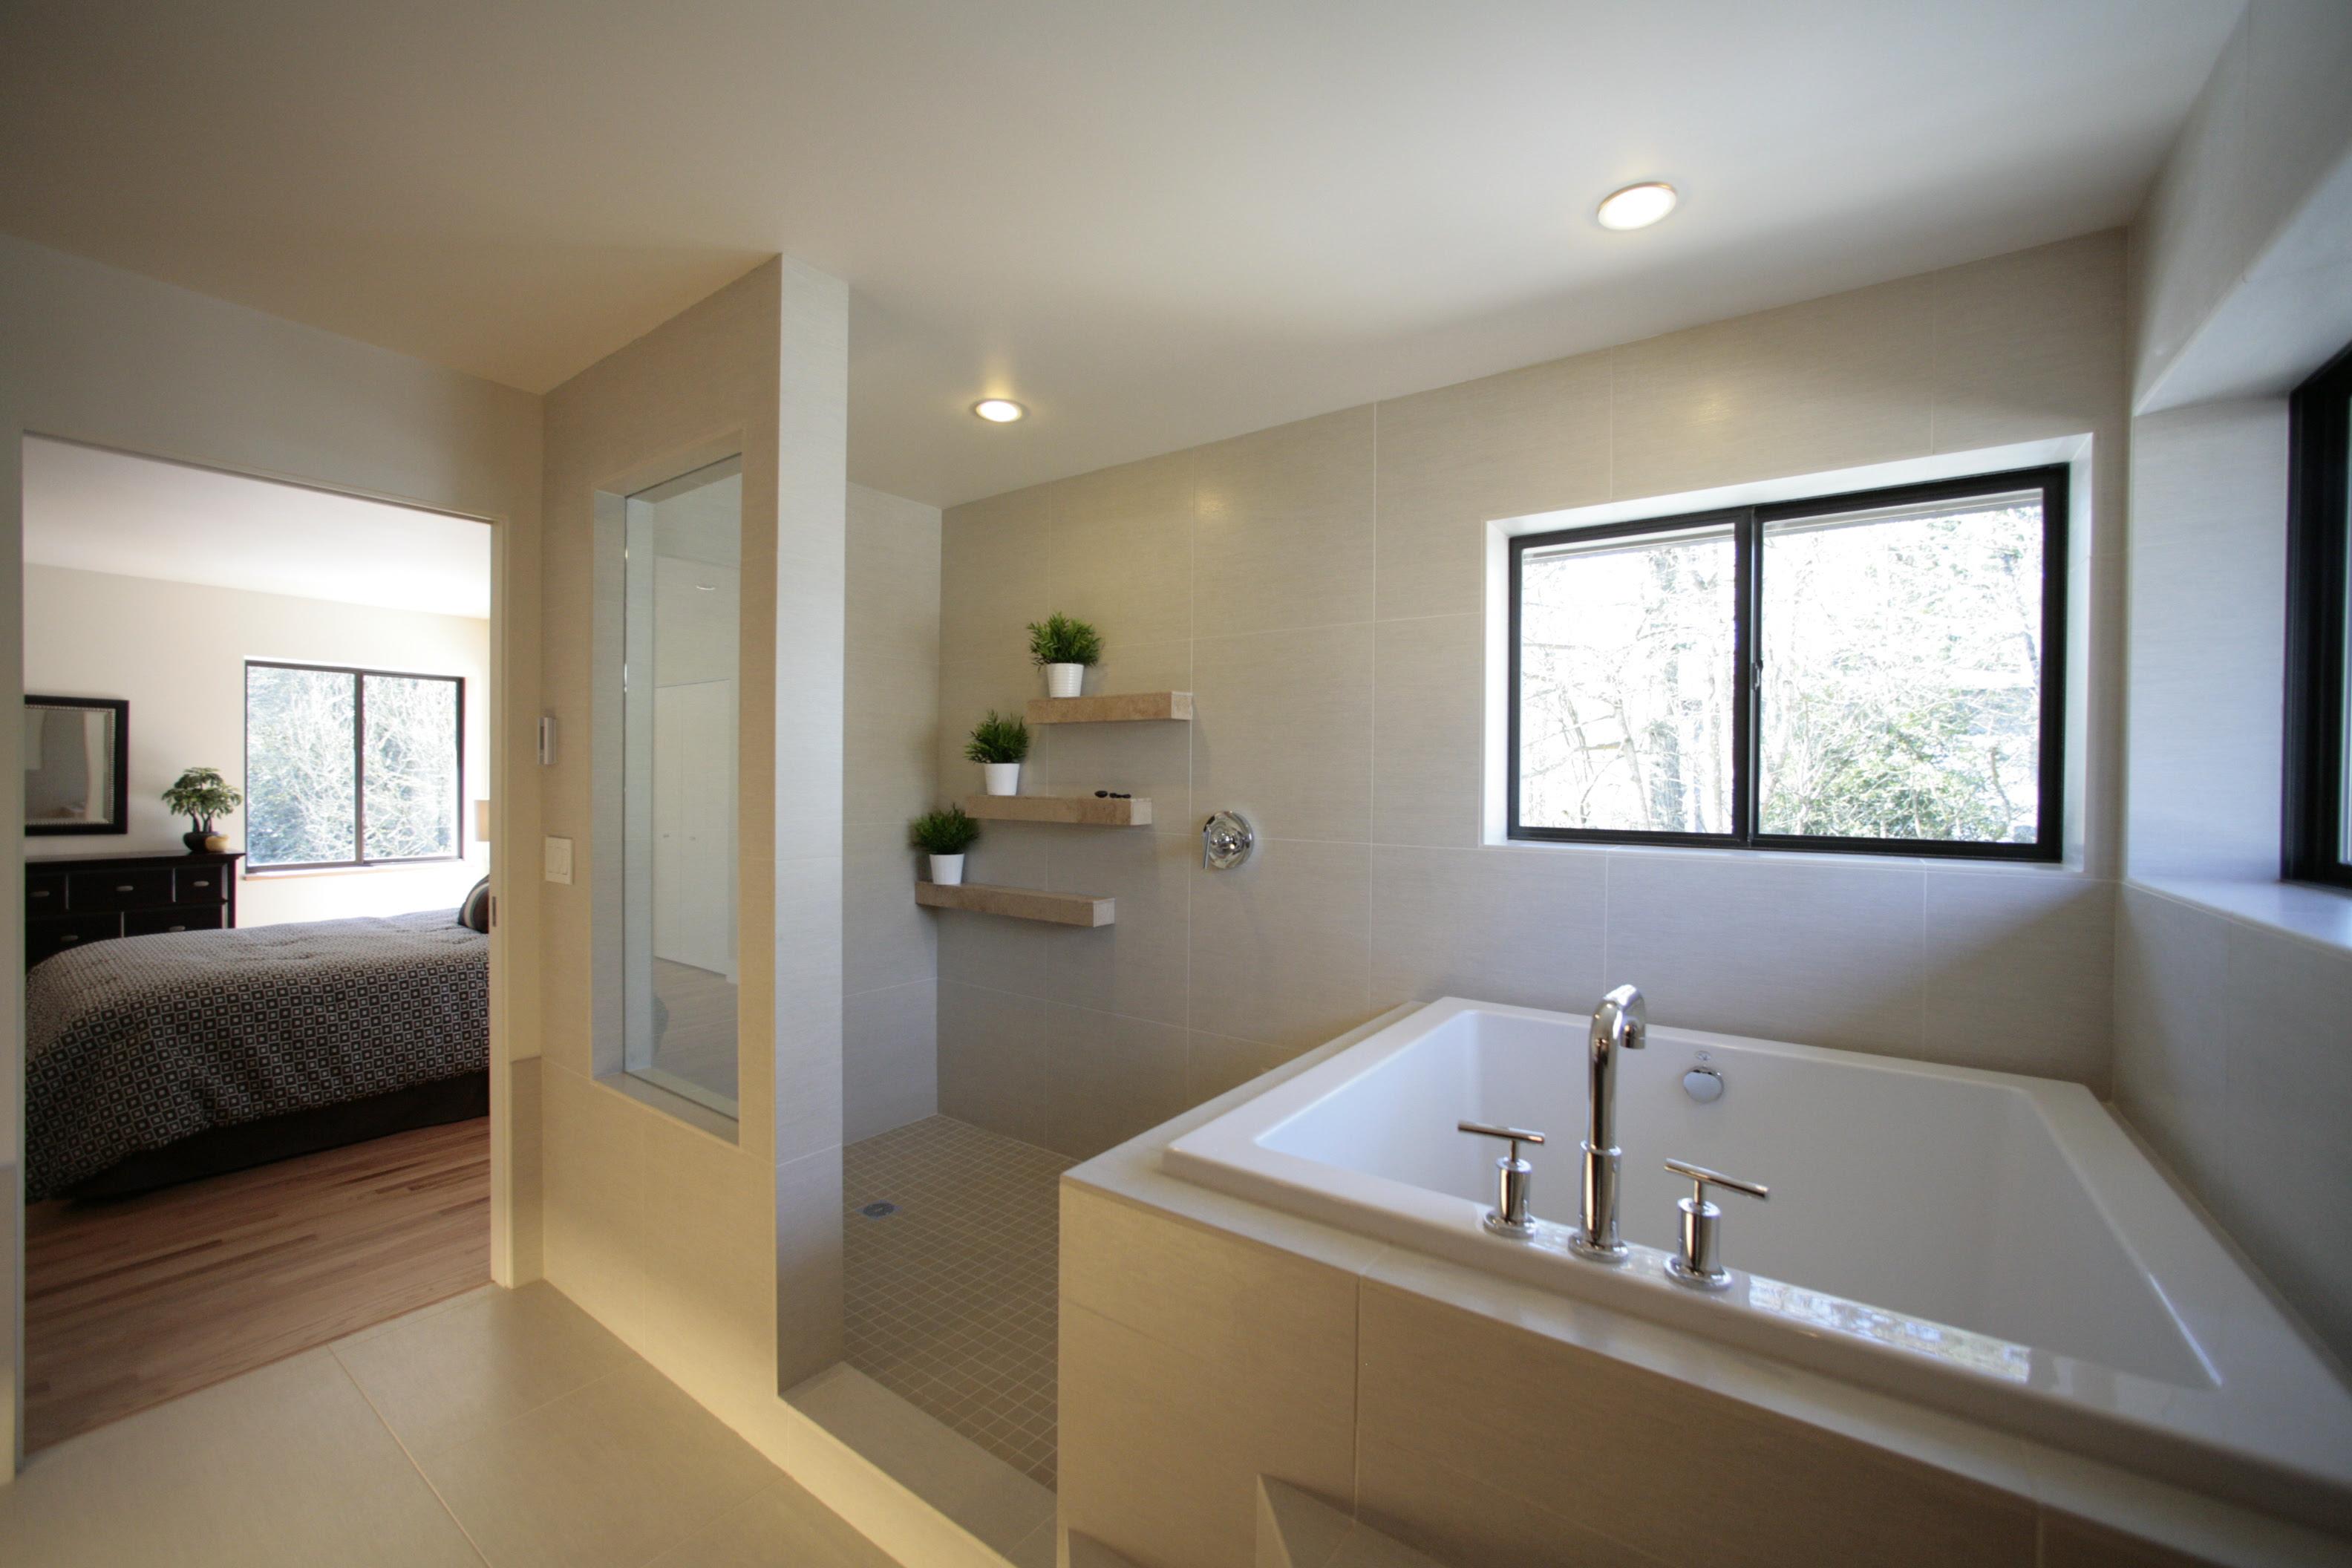 Bathroom Tub Shower - HomesFeed